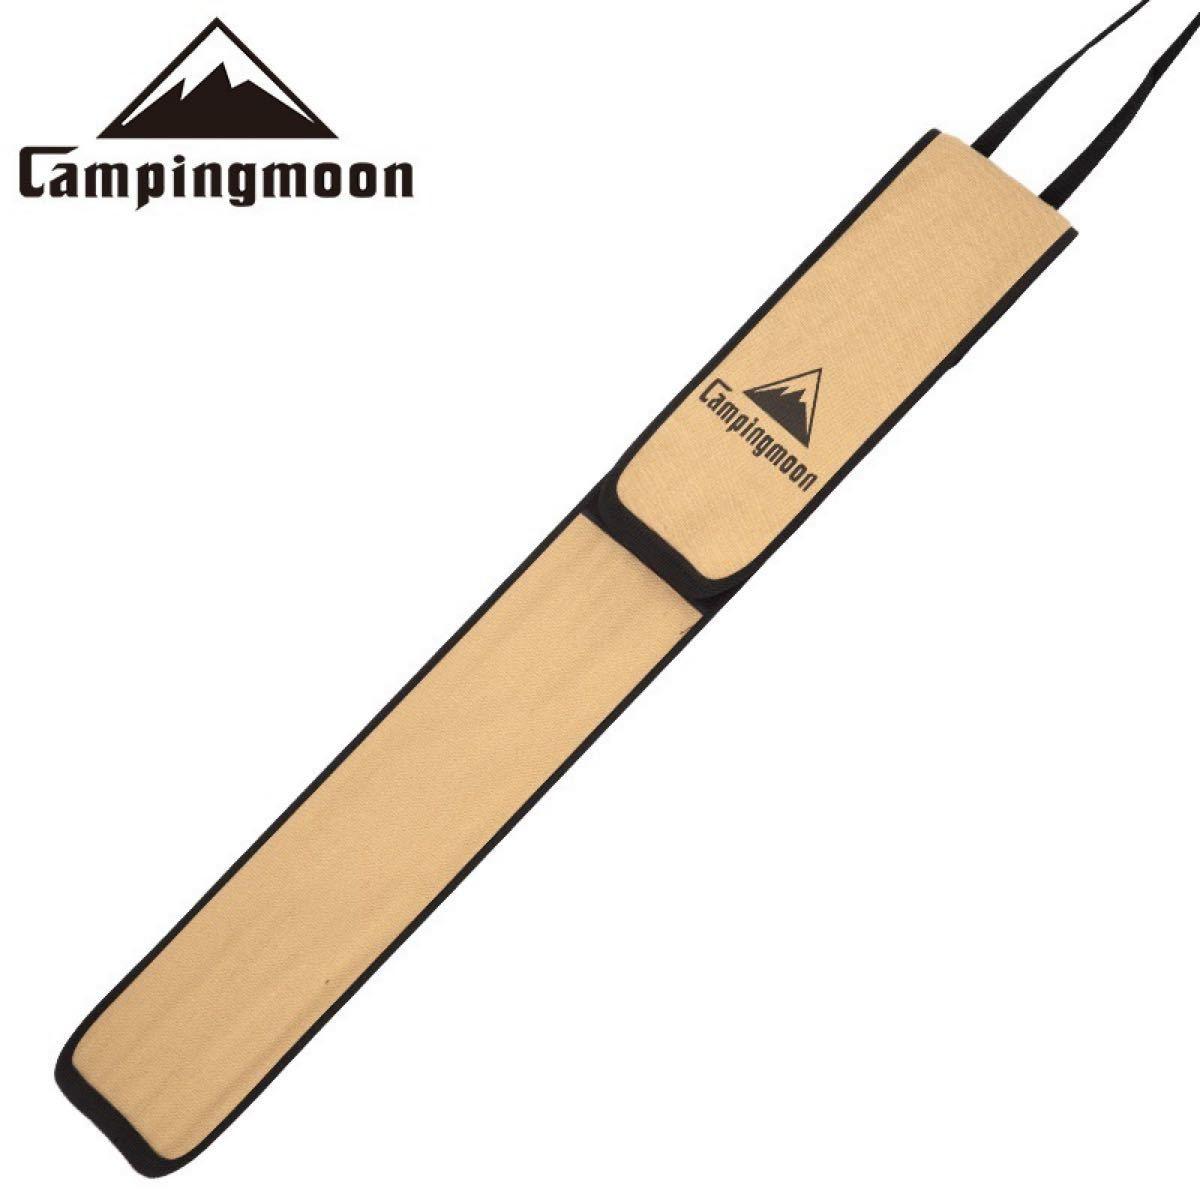 CAMPING MOON キャンピングムーン 2WAYランタンスタンド 三脚スタンド 収納ケース 先端カバー ランタンスタンド